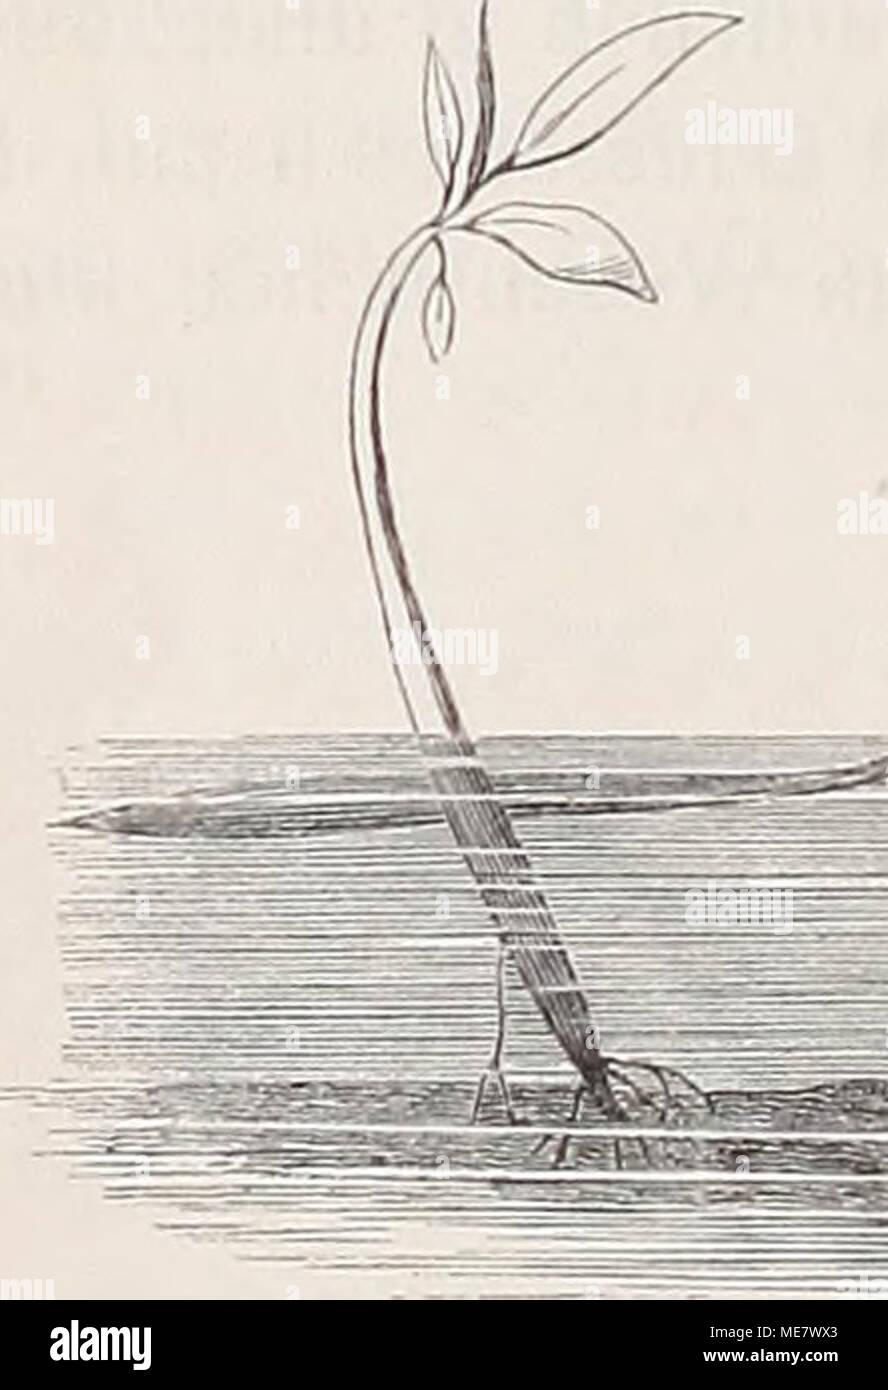 . Die Loango-Expedition ausgesandt von der Deutschen Gesellschaft zur Erforschung, Aequatorial-Africas 1873-1876. Dans Reisewerk Ein drei Abtheilungen . Banque D'Images